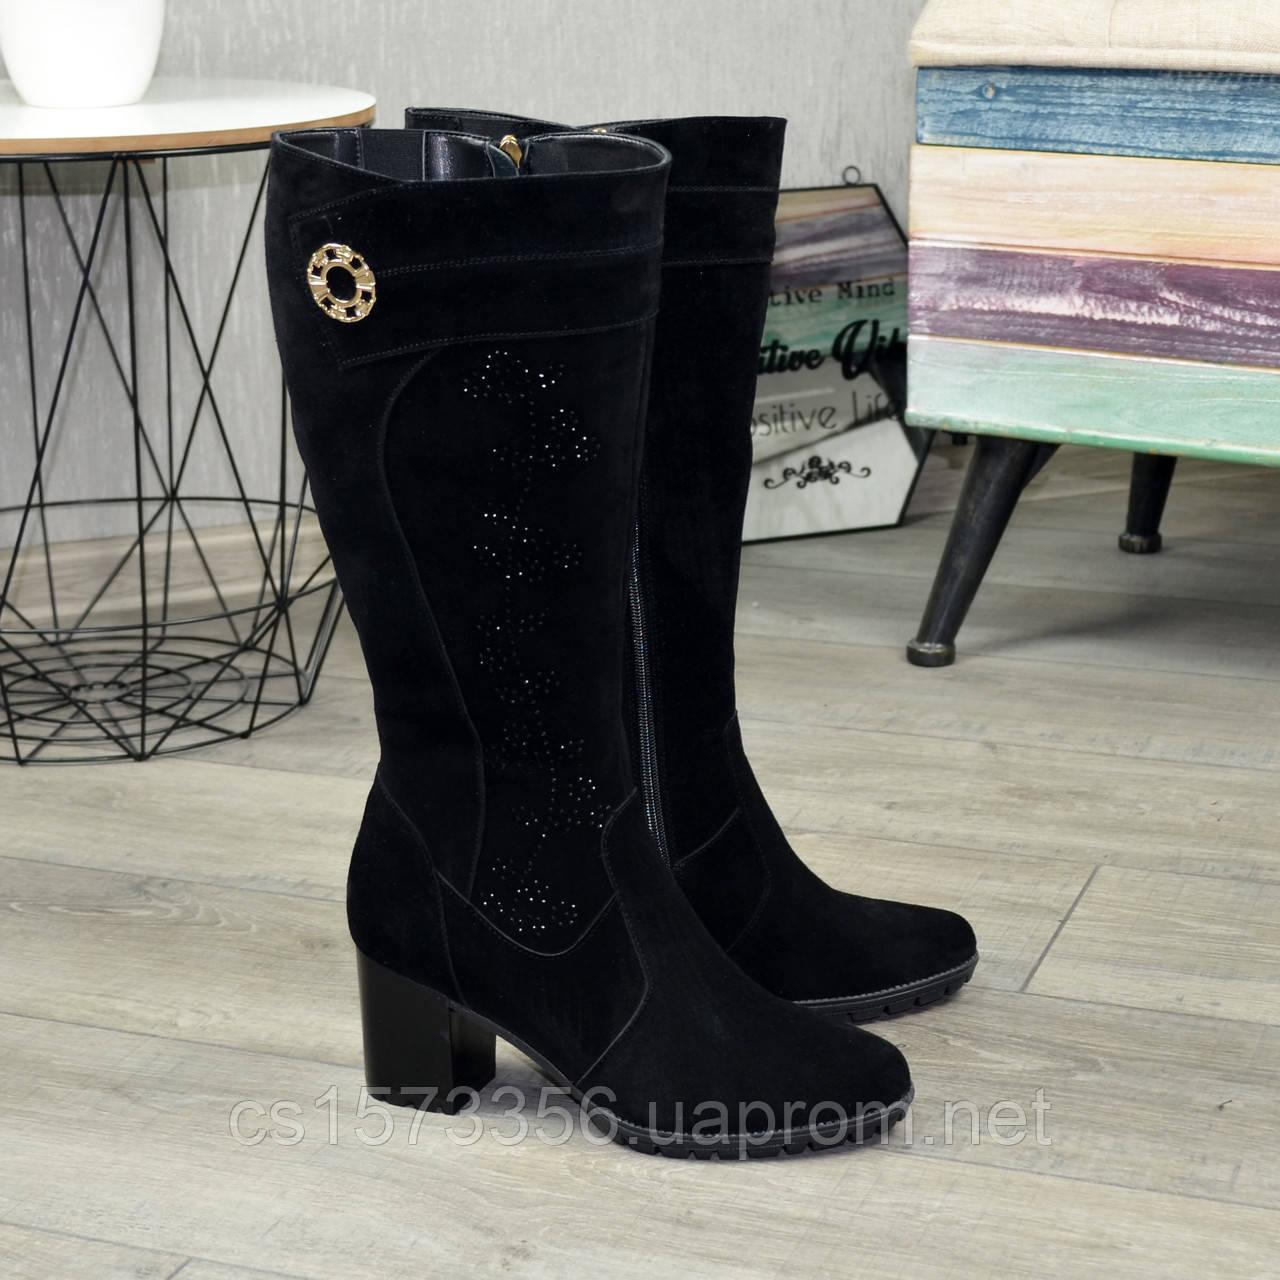 Женские черные замшевые сапоги на устойчивом каблуке, декорированы накаткой камней